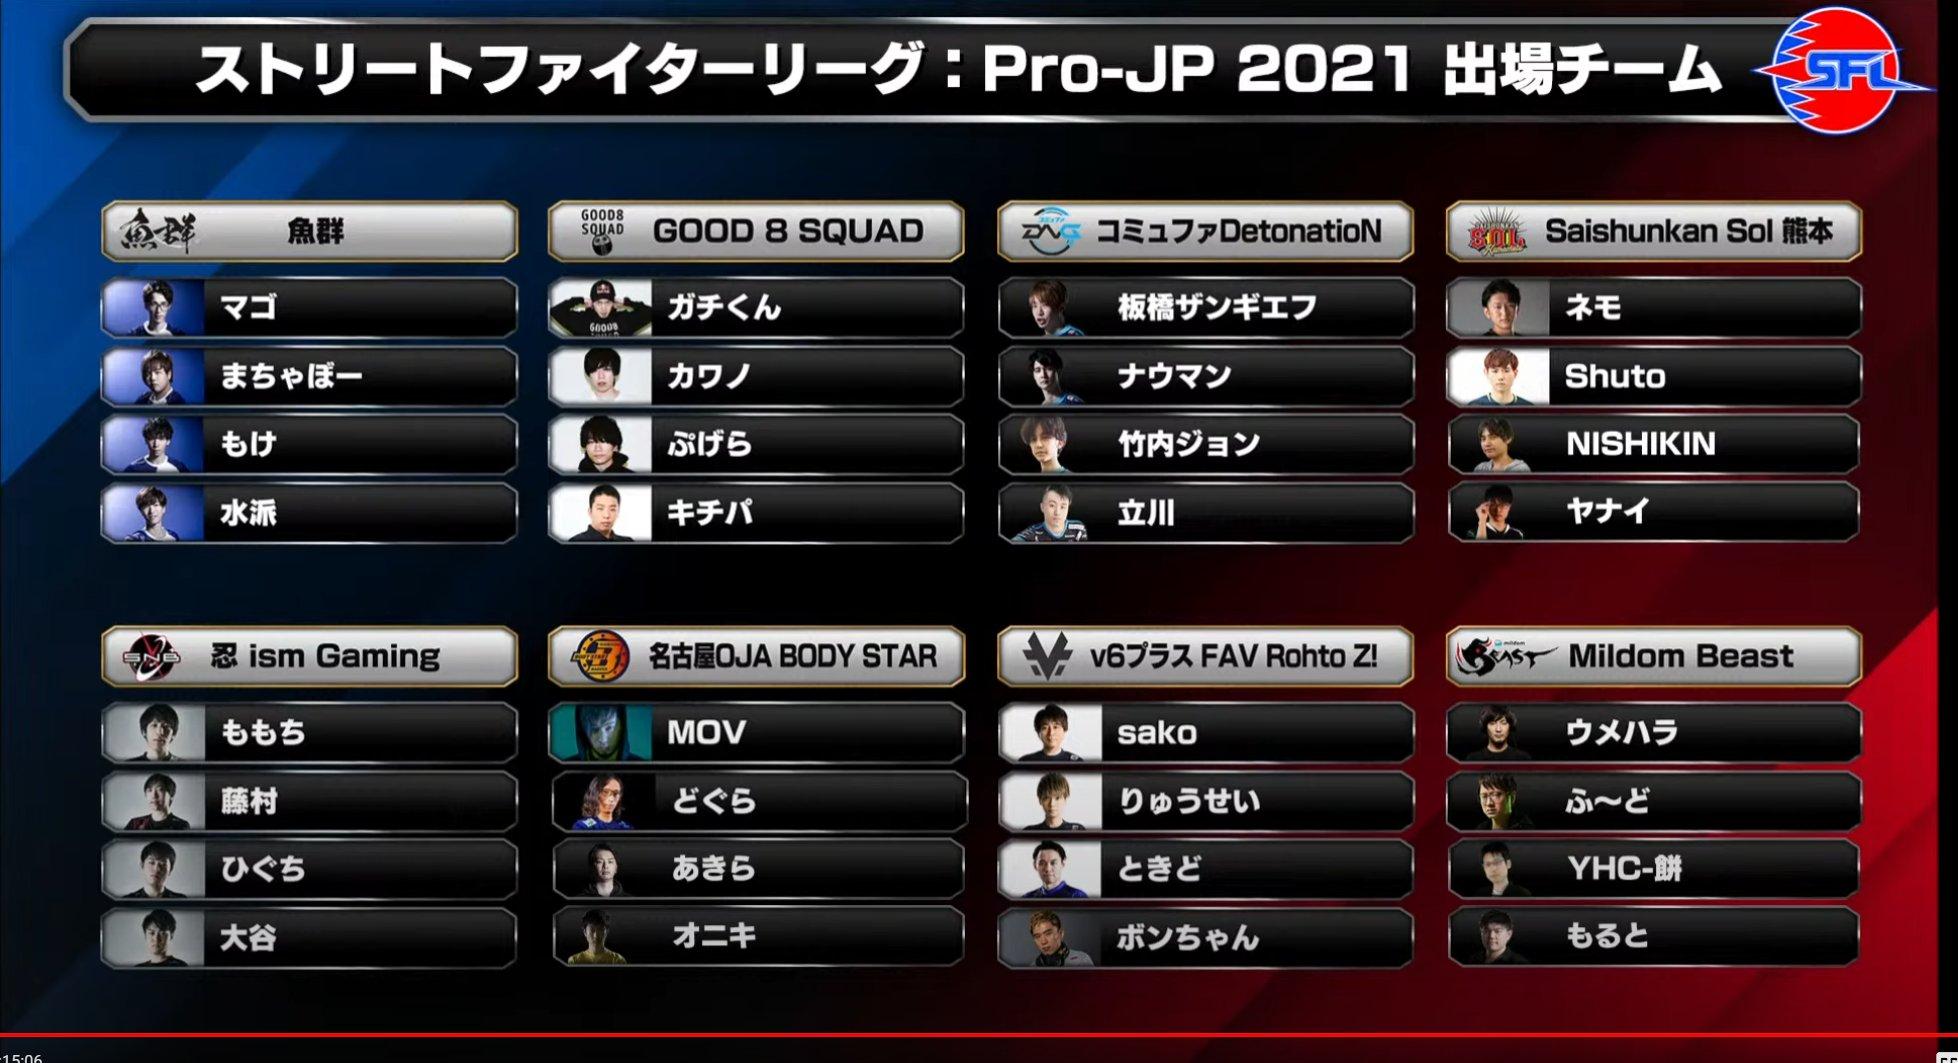 Street Fighter League: Pro-JP 2021 teams